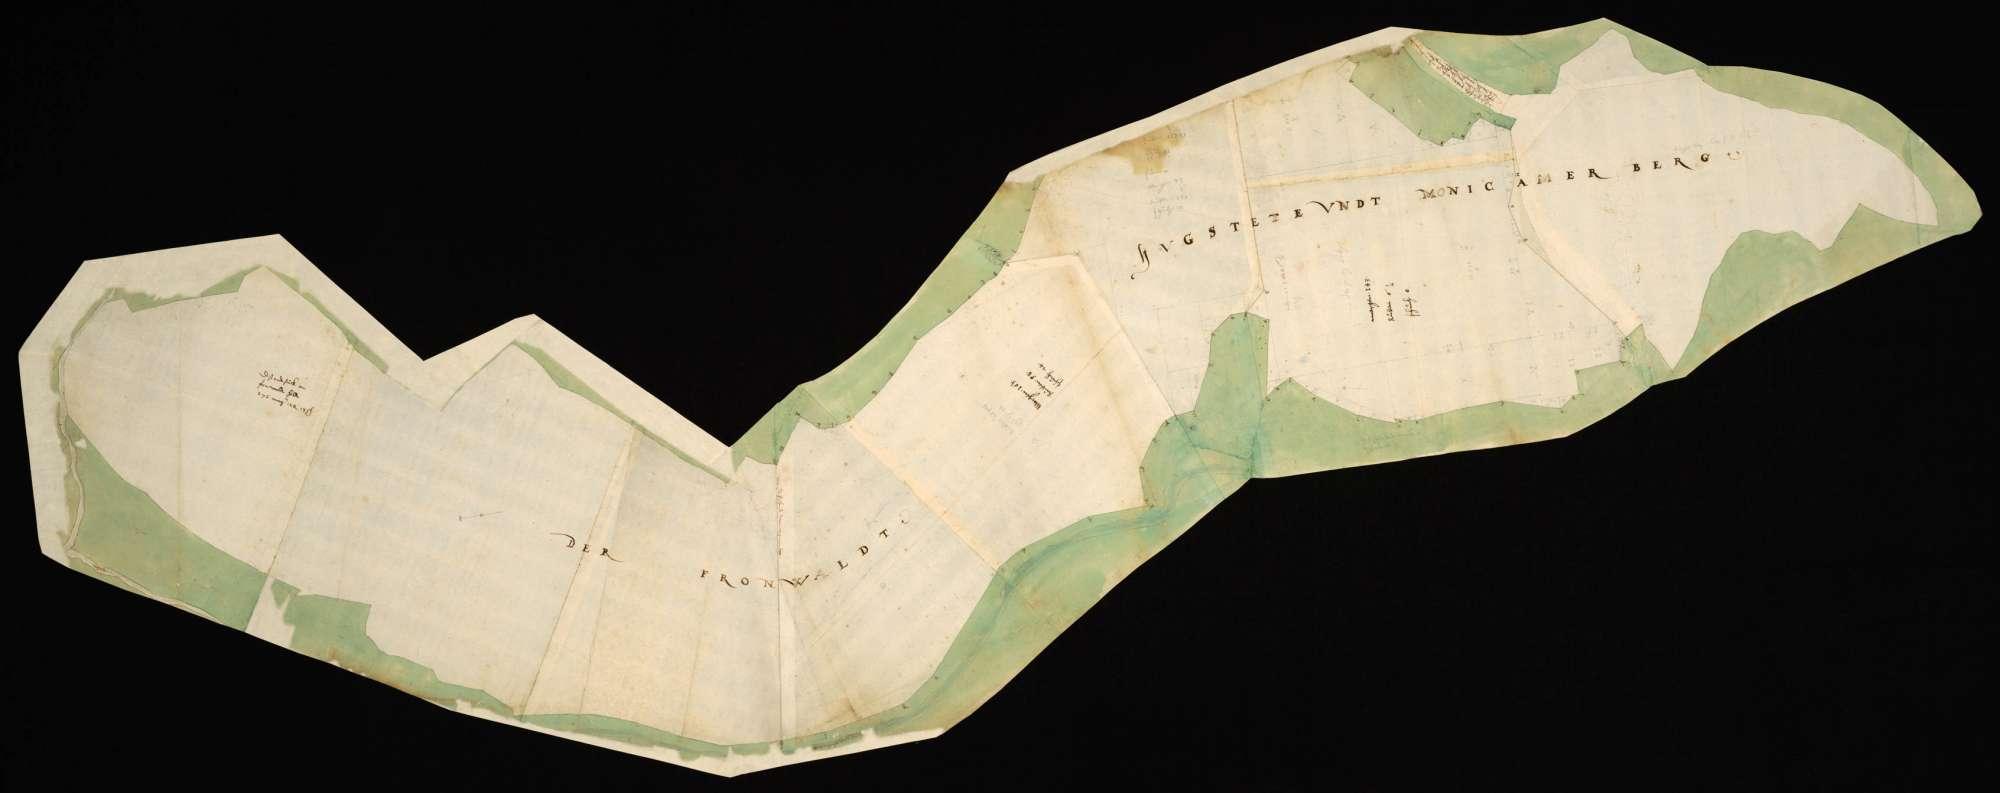 """[Waldungen der Fronwald, Hugstete und Monakamer [""""Monicamer""""] Berg], Bild 1"""